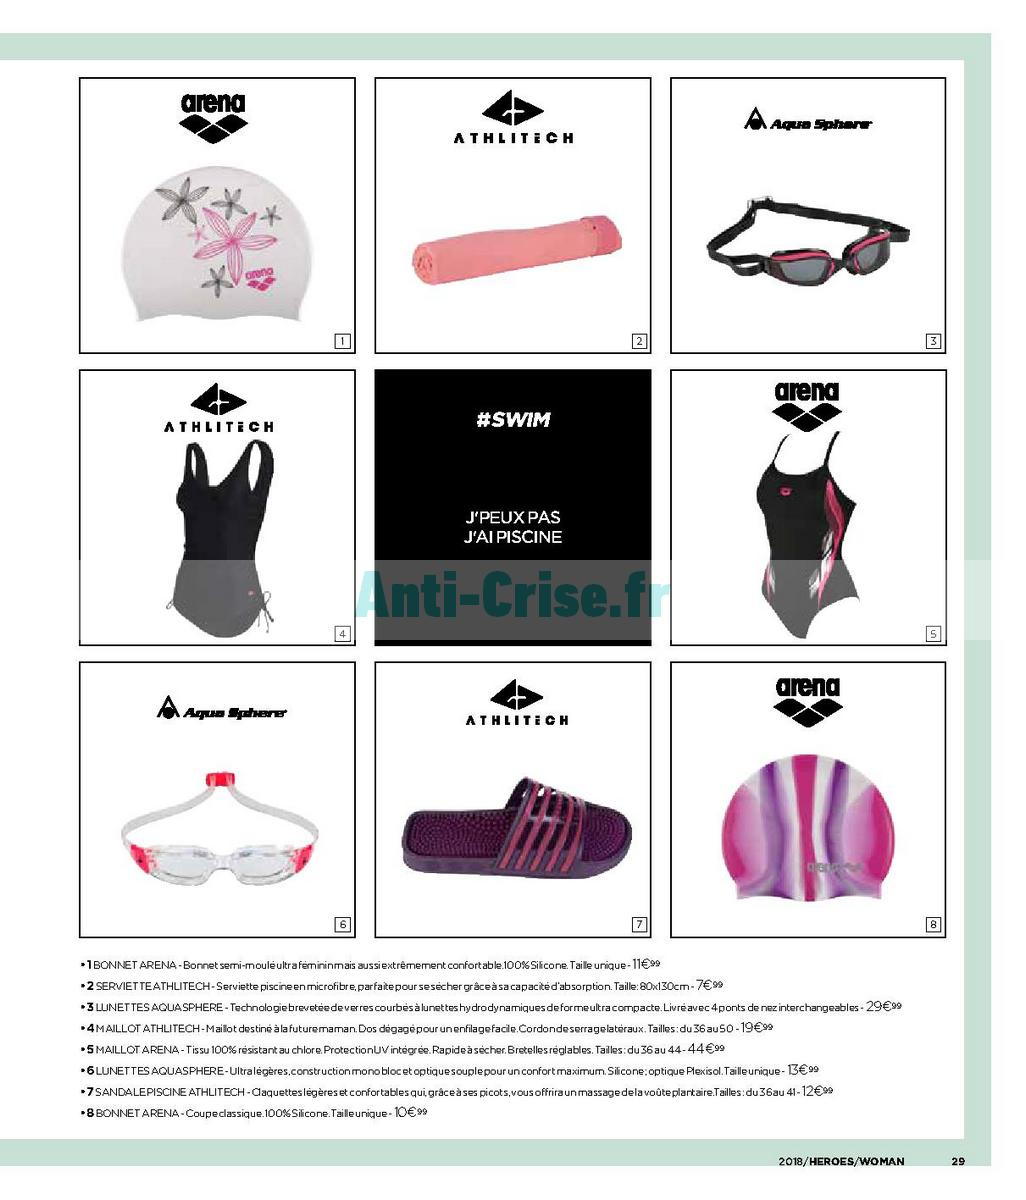 decembre2018 Catalogue Go Sport du 28 avril au 31 décembre 2018 (Spécial Femme) (29)